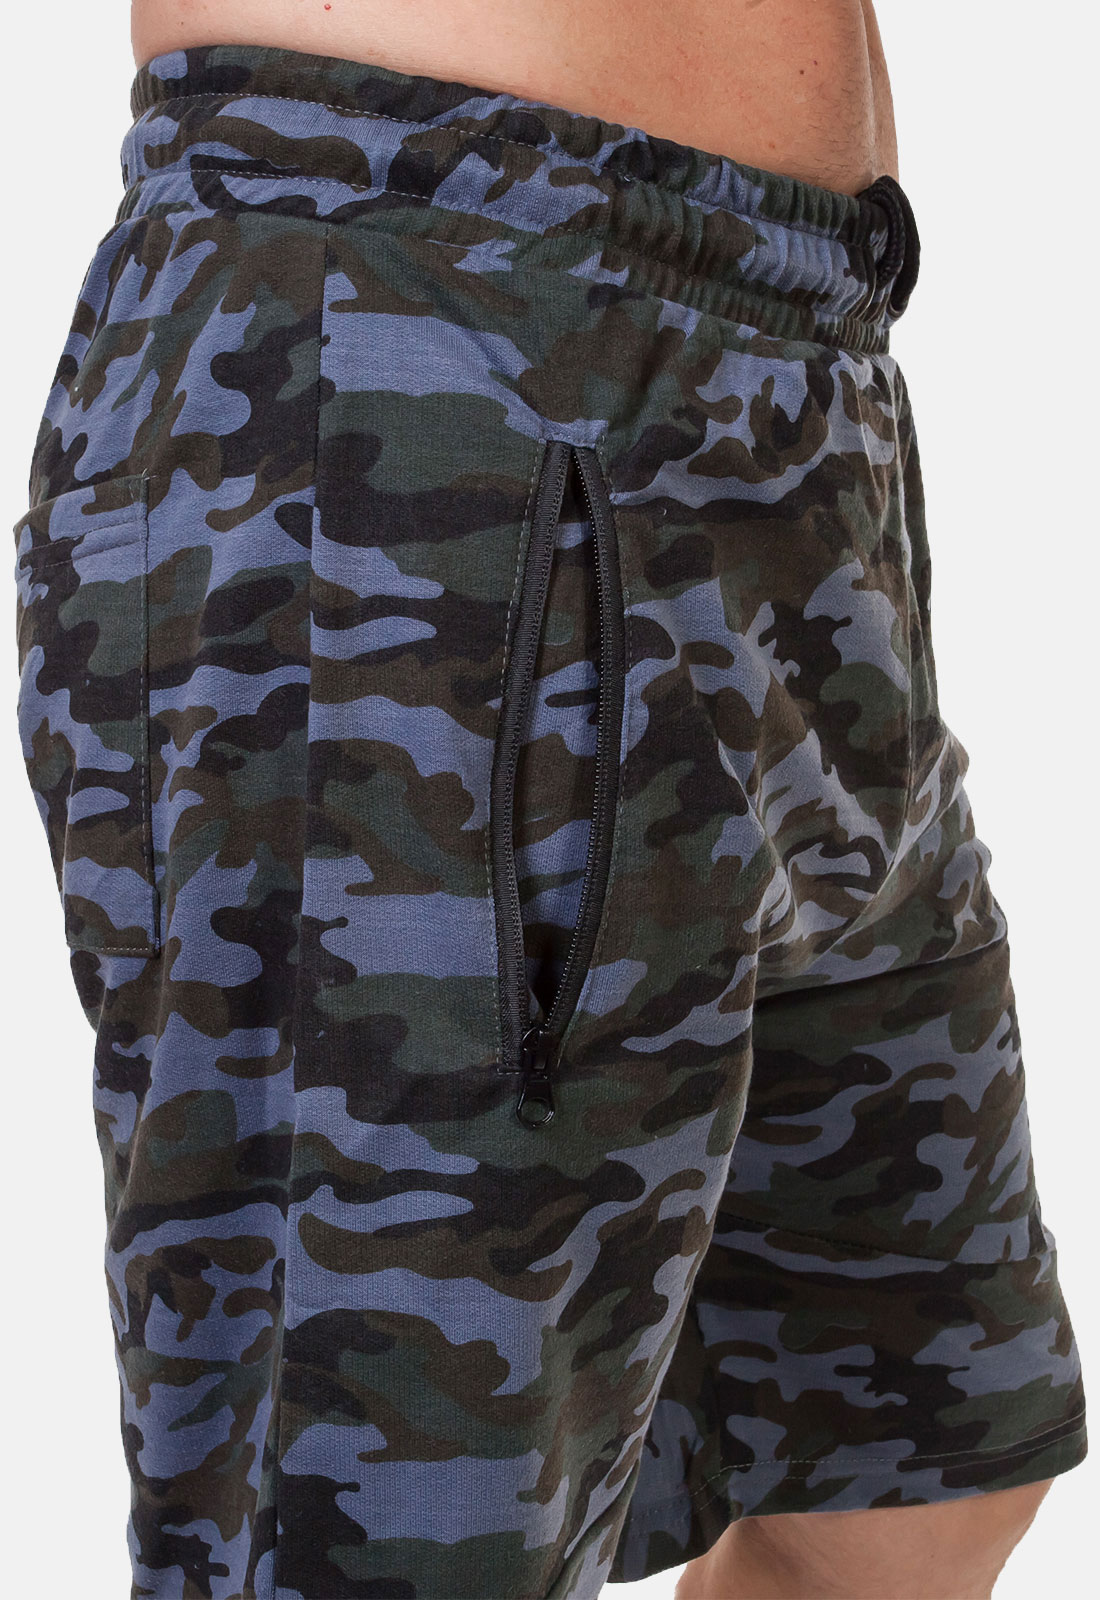 Мужские армейские шорты с нашивкой Погранвойска - купить по низкой цене